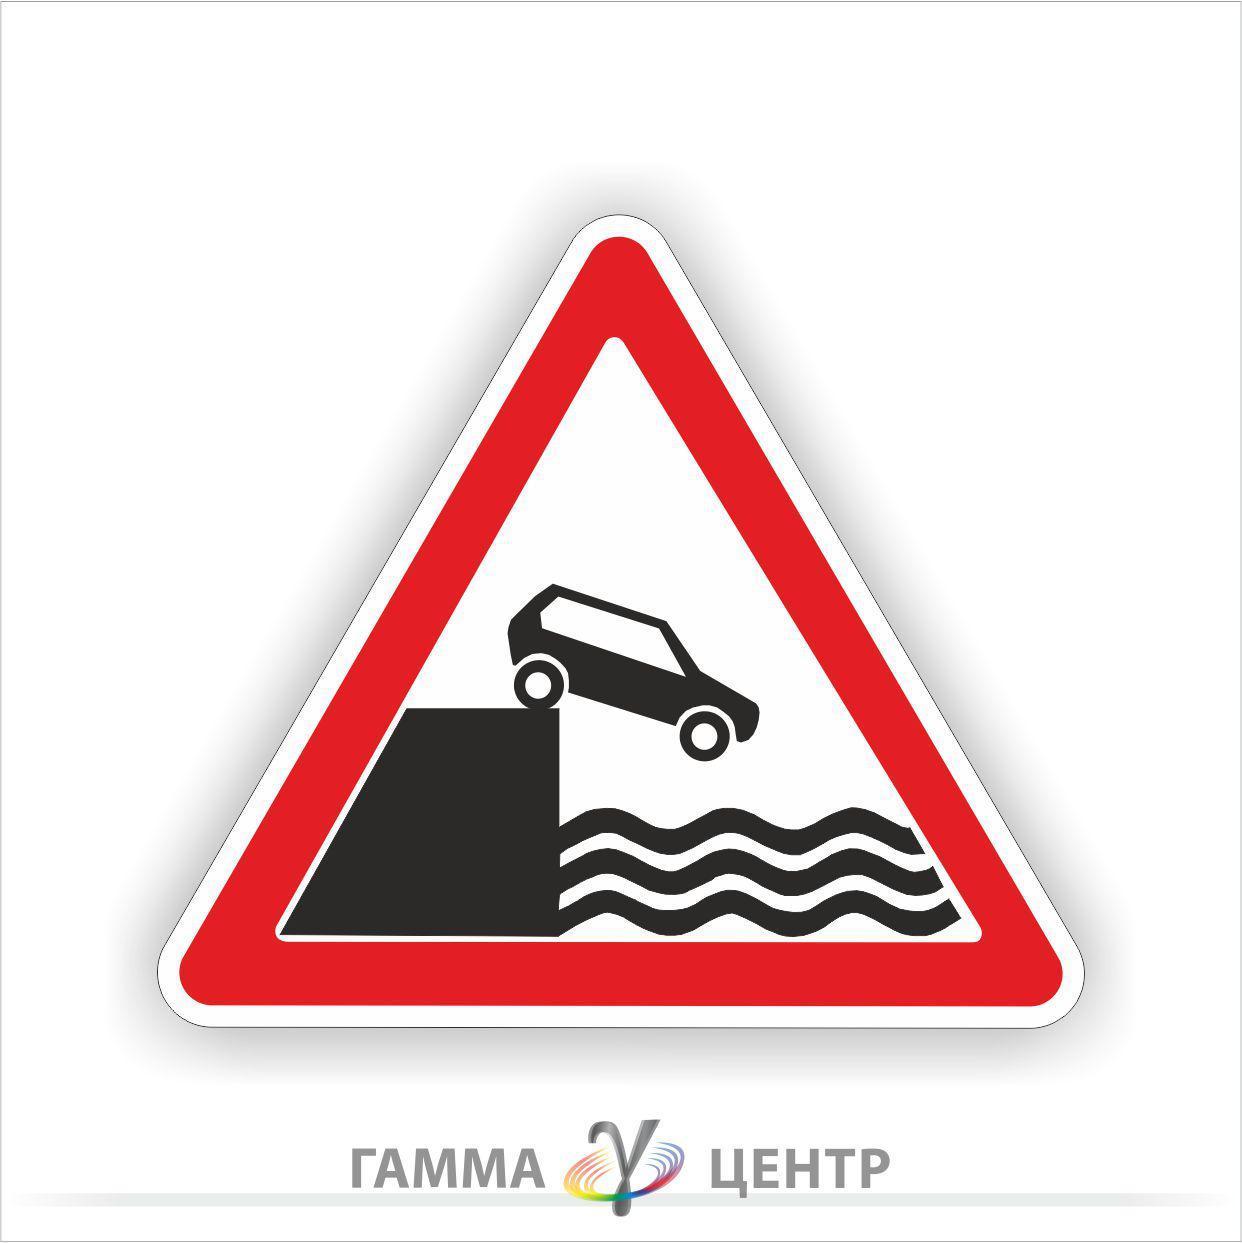 Маска дорожного знака 1.8. Выезд на набережную или берег